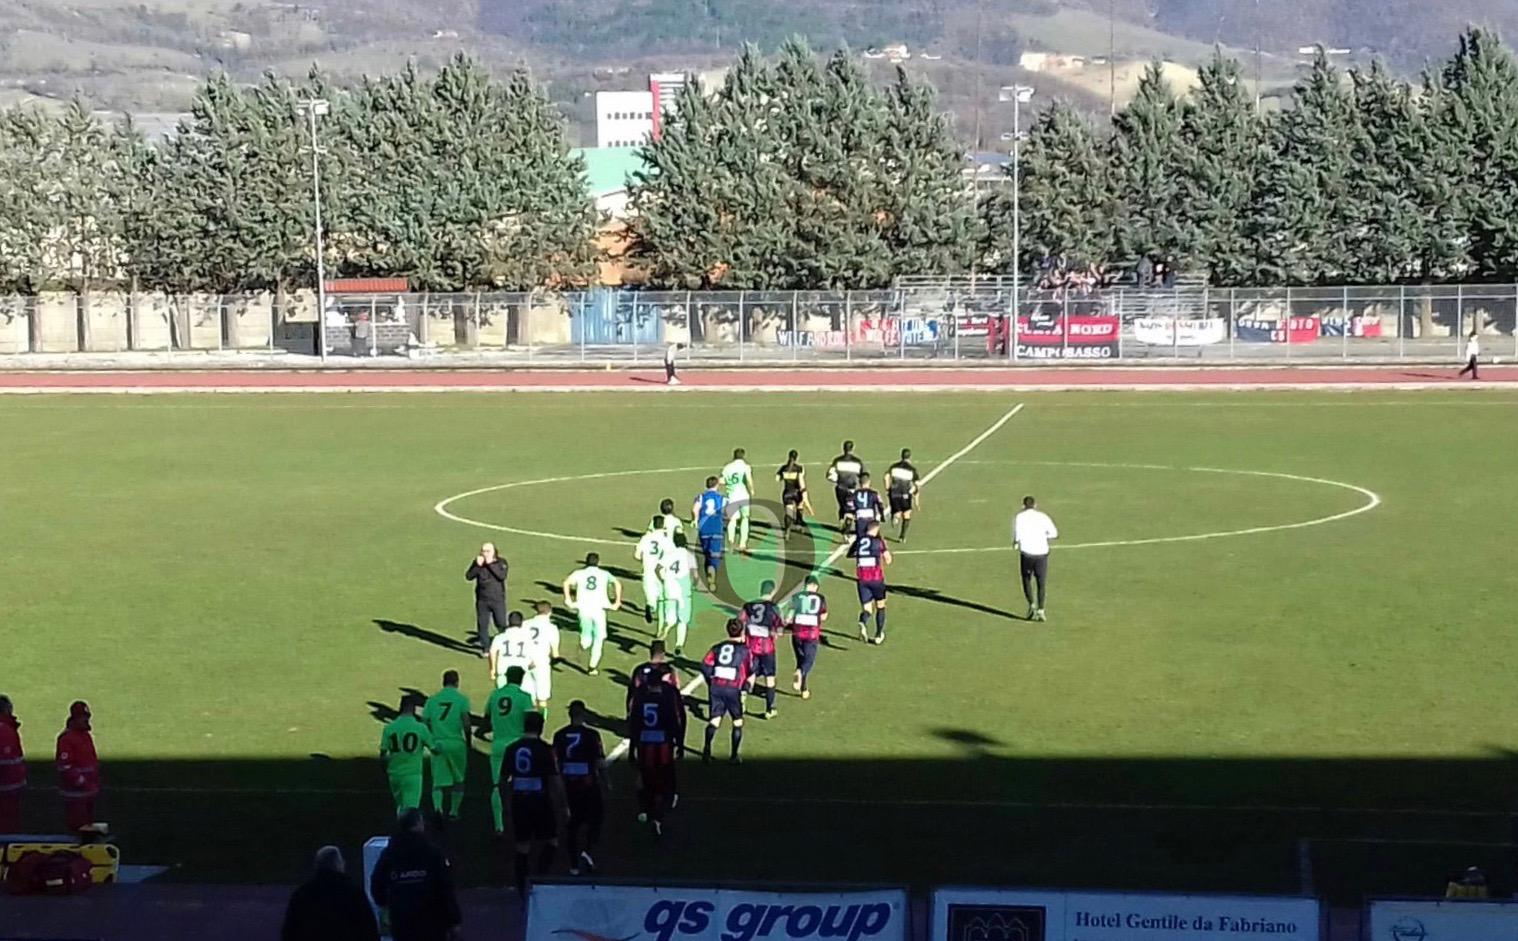 Serie D. Campobasso vince contro il Fabriano, Agnonese sconfitta di misura (risultati e classifica)